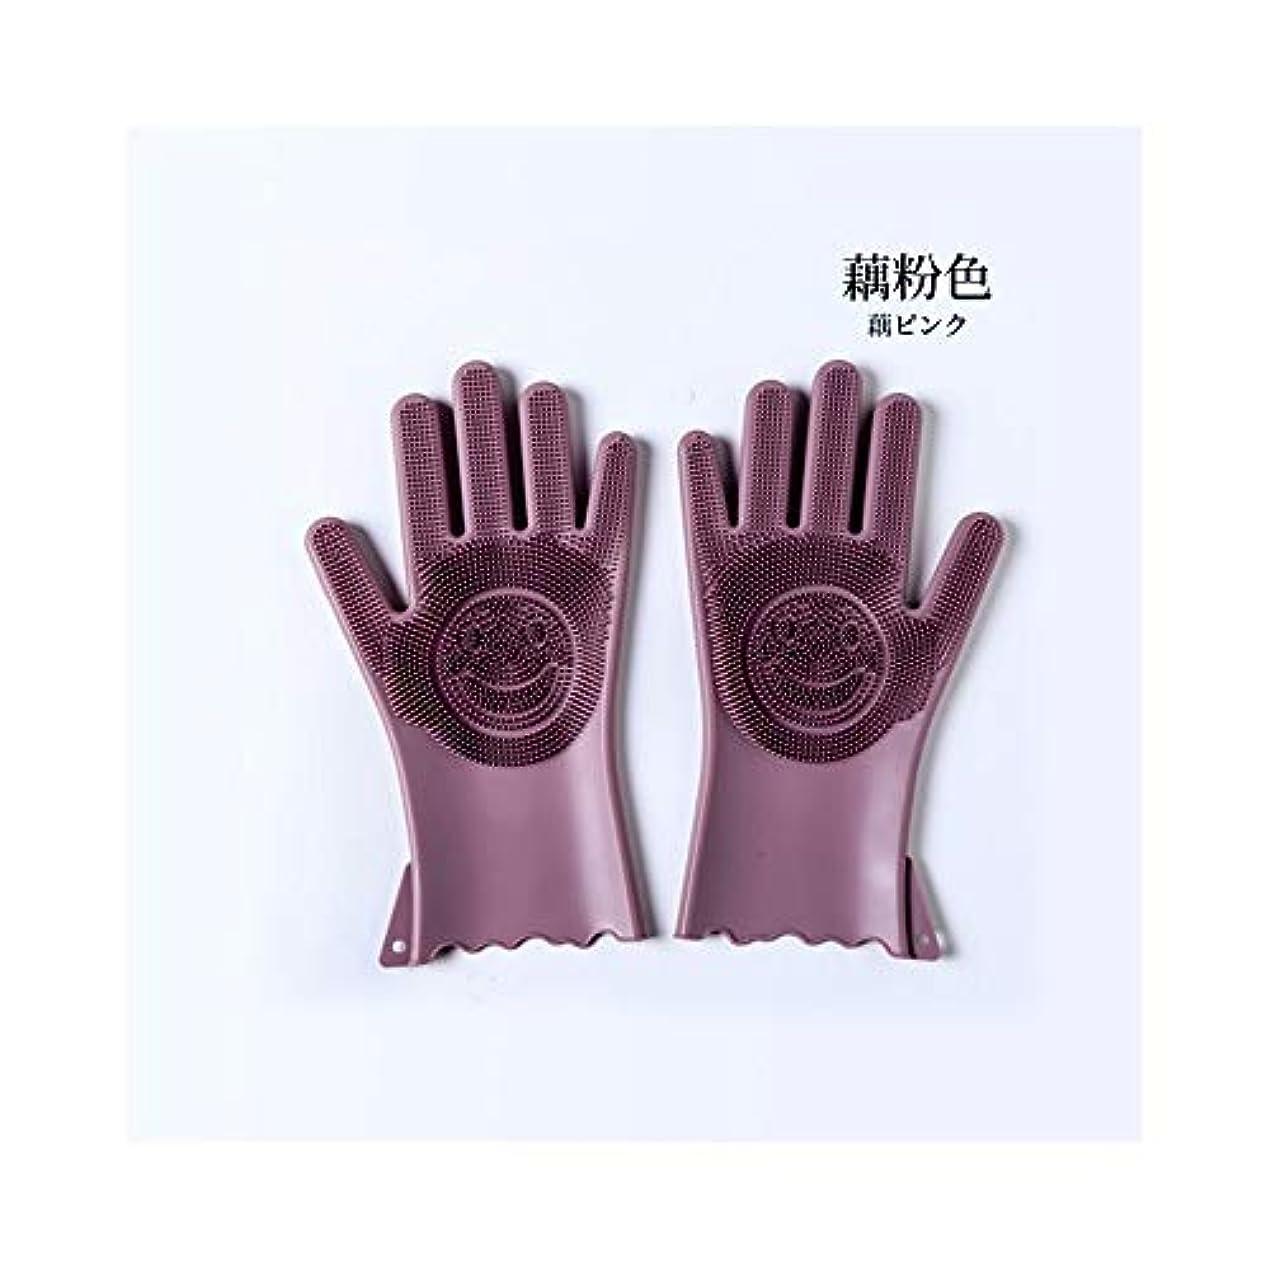 インシュレータ満足バング使い捨て手袋 作業用手袋防水厚くて丈夫なシリコーン多機能キッチン家庭用手袋 ニトリルゴム手袋 (Color : PINK, Size : M)